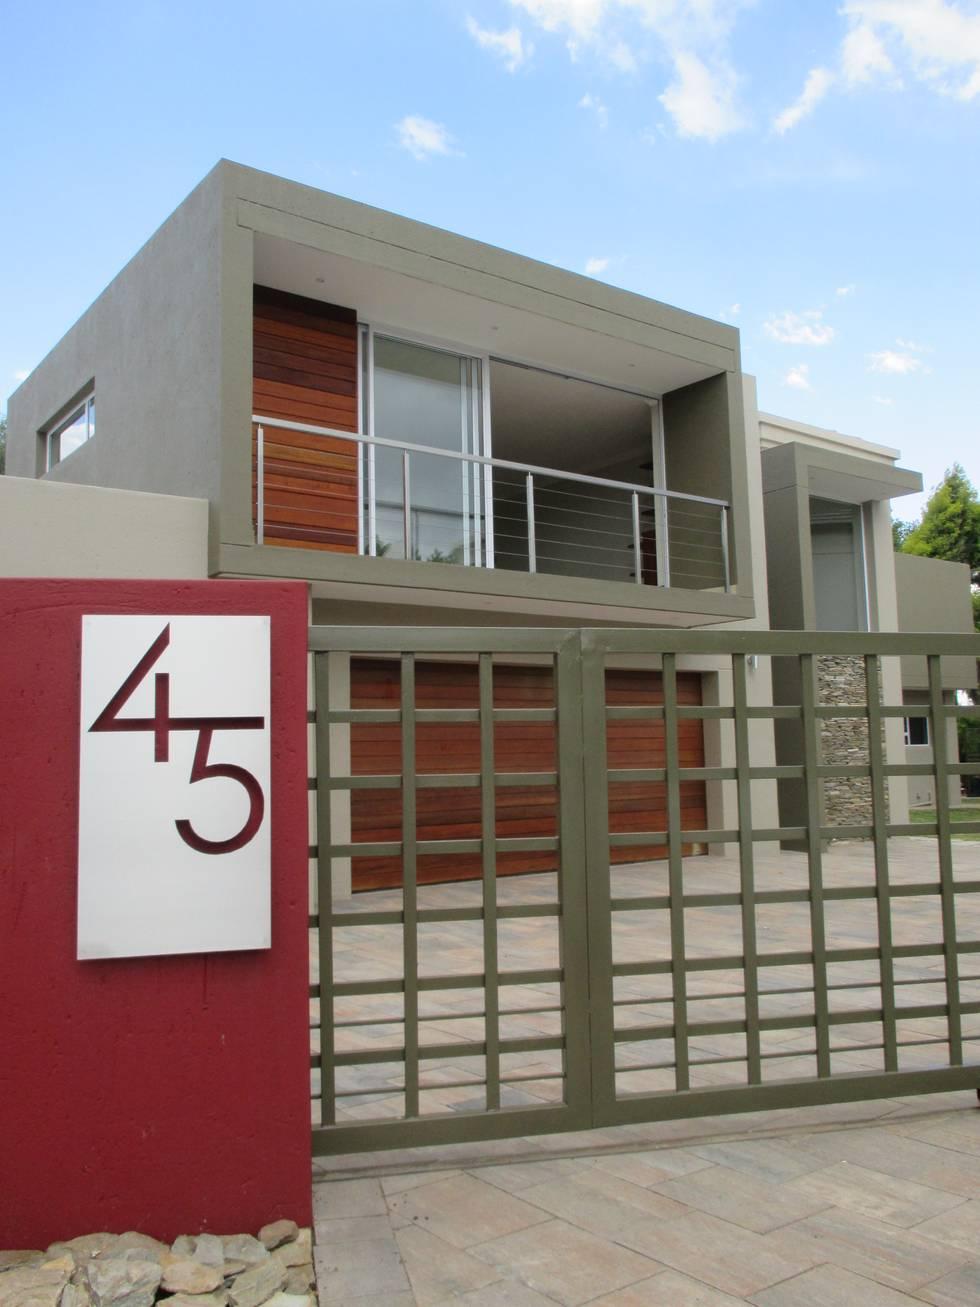 아름답고 견고한 외관에 비해 비교적 저렴하게 건축된 하우스 13선